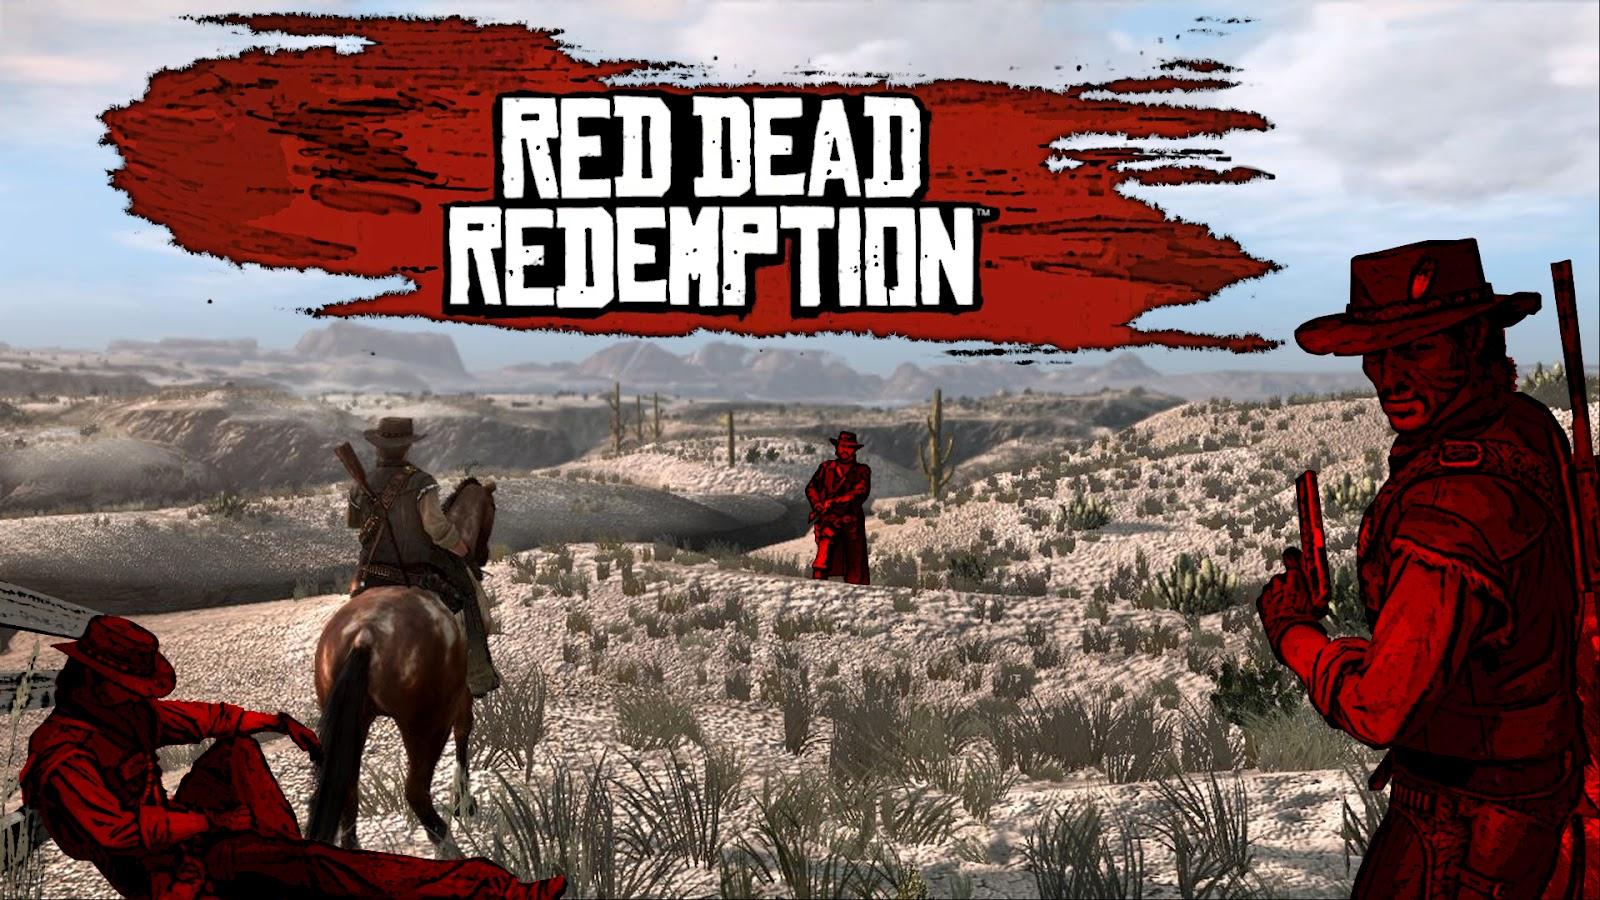 http://3.bp.blogspot.com/-ZIubd48ostw/UBHYgLKCcQI/AAAAAAAACHI/RVkj6paBECM/s1600/Red_Dead_Redemption_Wallpaper_by_jaz350z.jpg